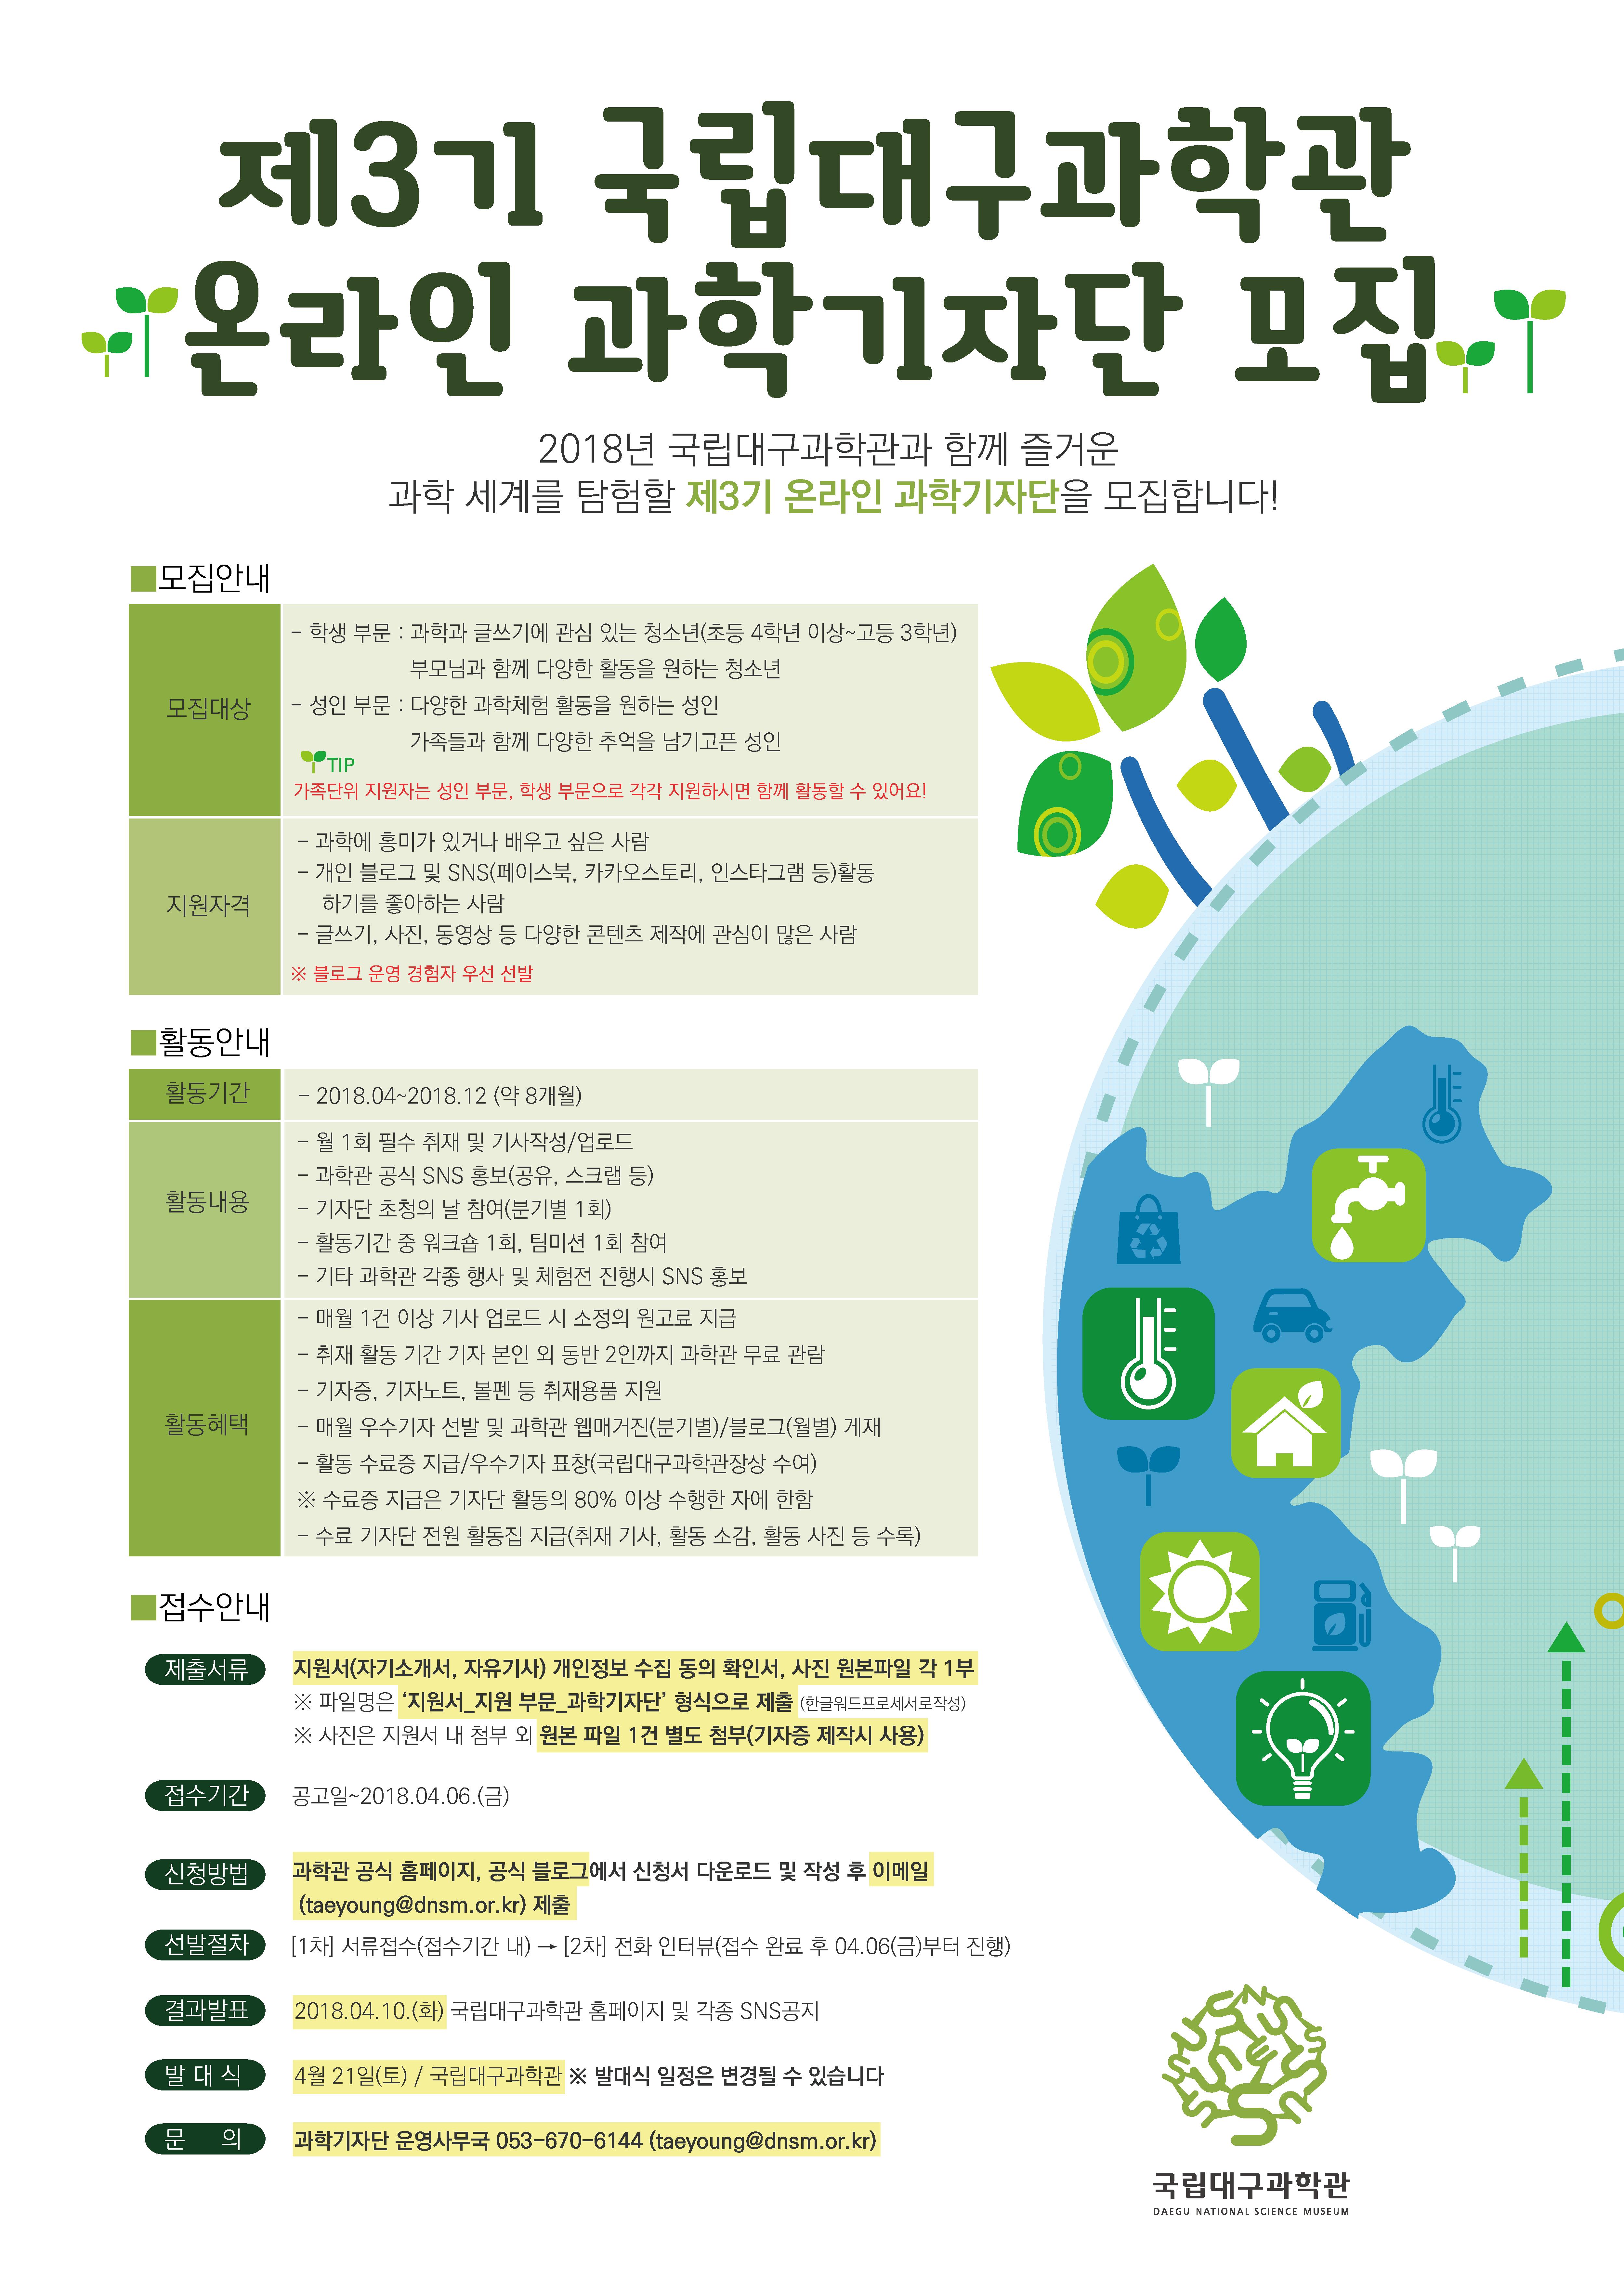 국립대구과학관 제3기 온라인 과학기자단 모집(~04.06)